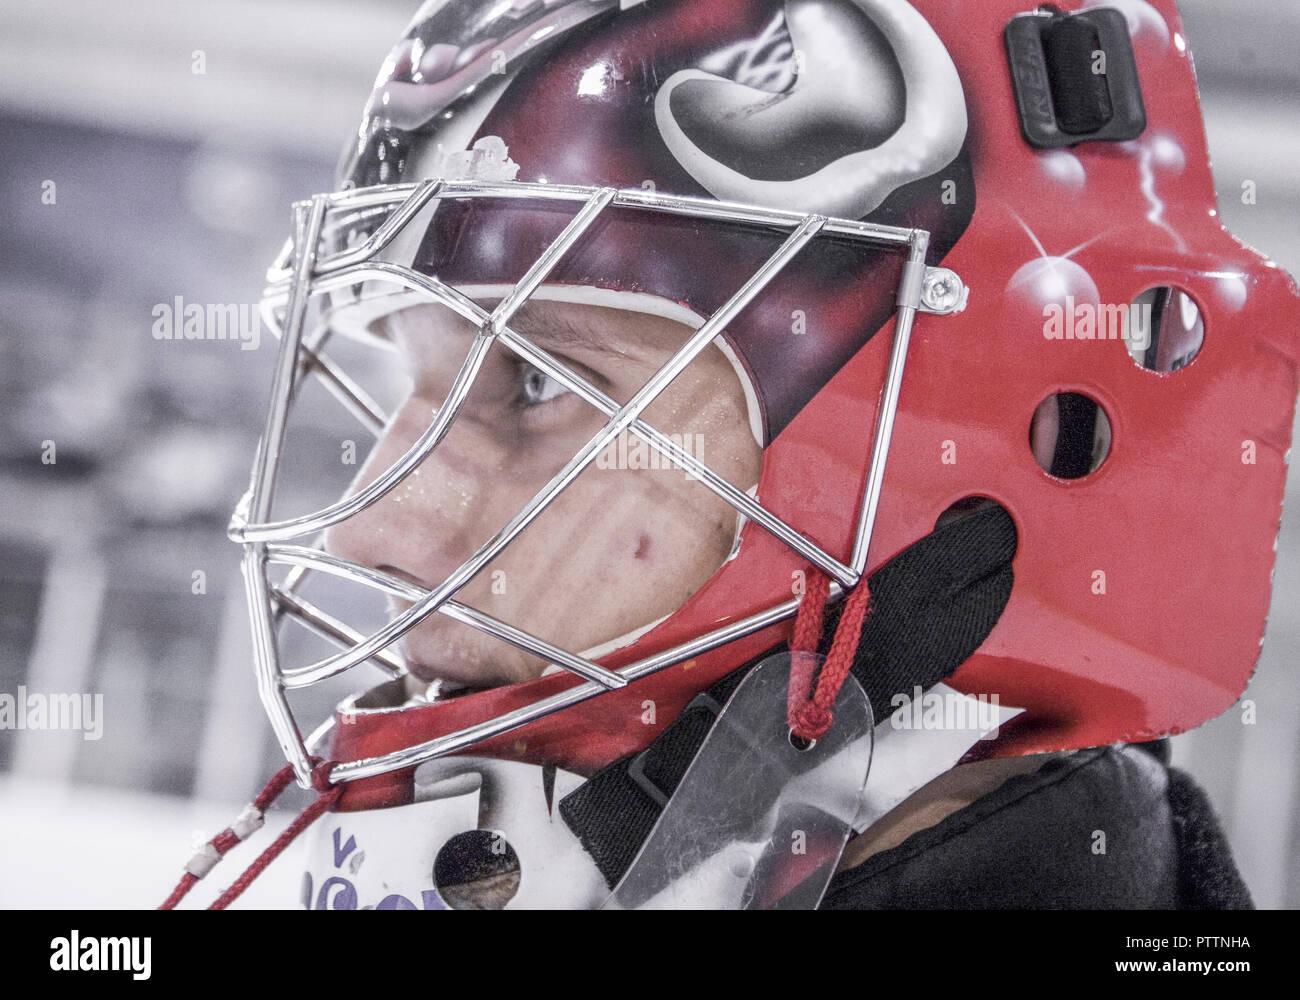 Eishockey, Torhueter mit Helm und Schutzmaske, Portraet (model-released) - Stock Image